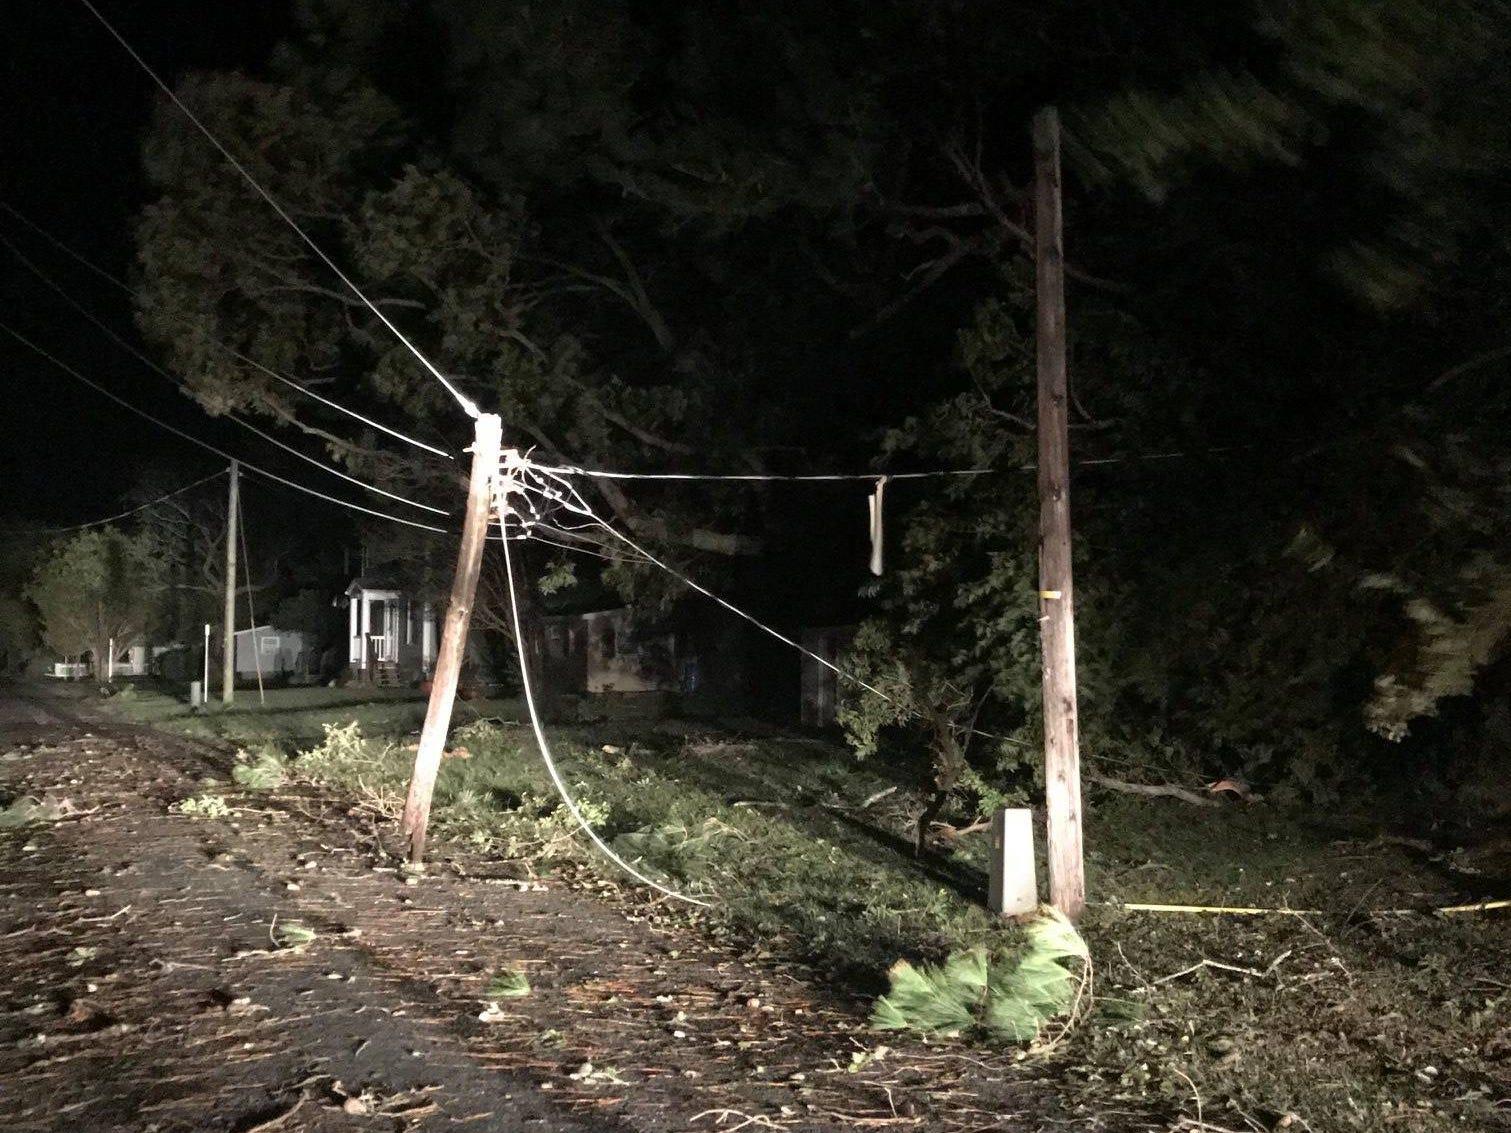 A broken utility pole blocks the road at Smith Beach, near Eastville, Virginia.